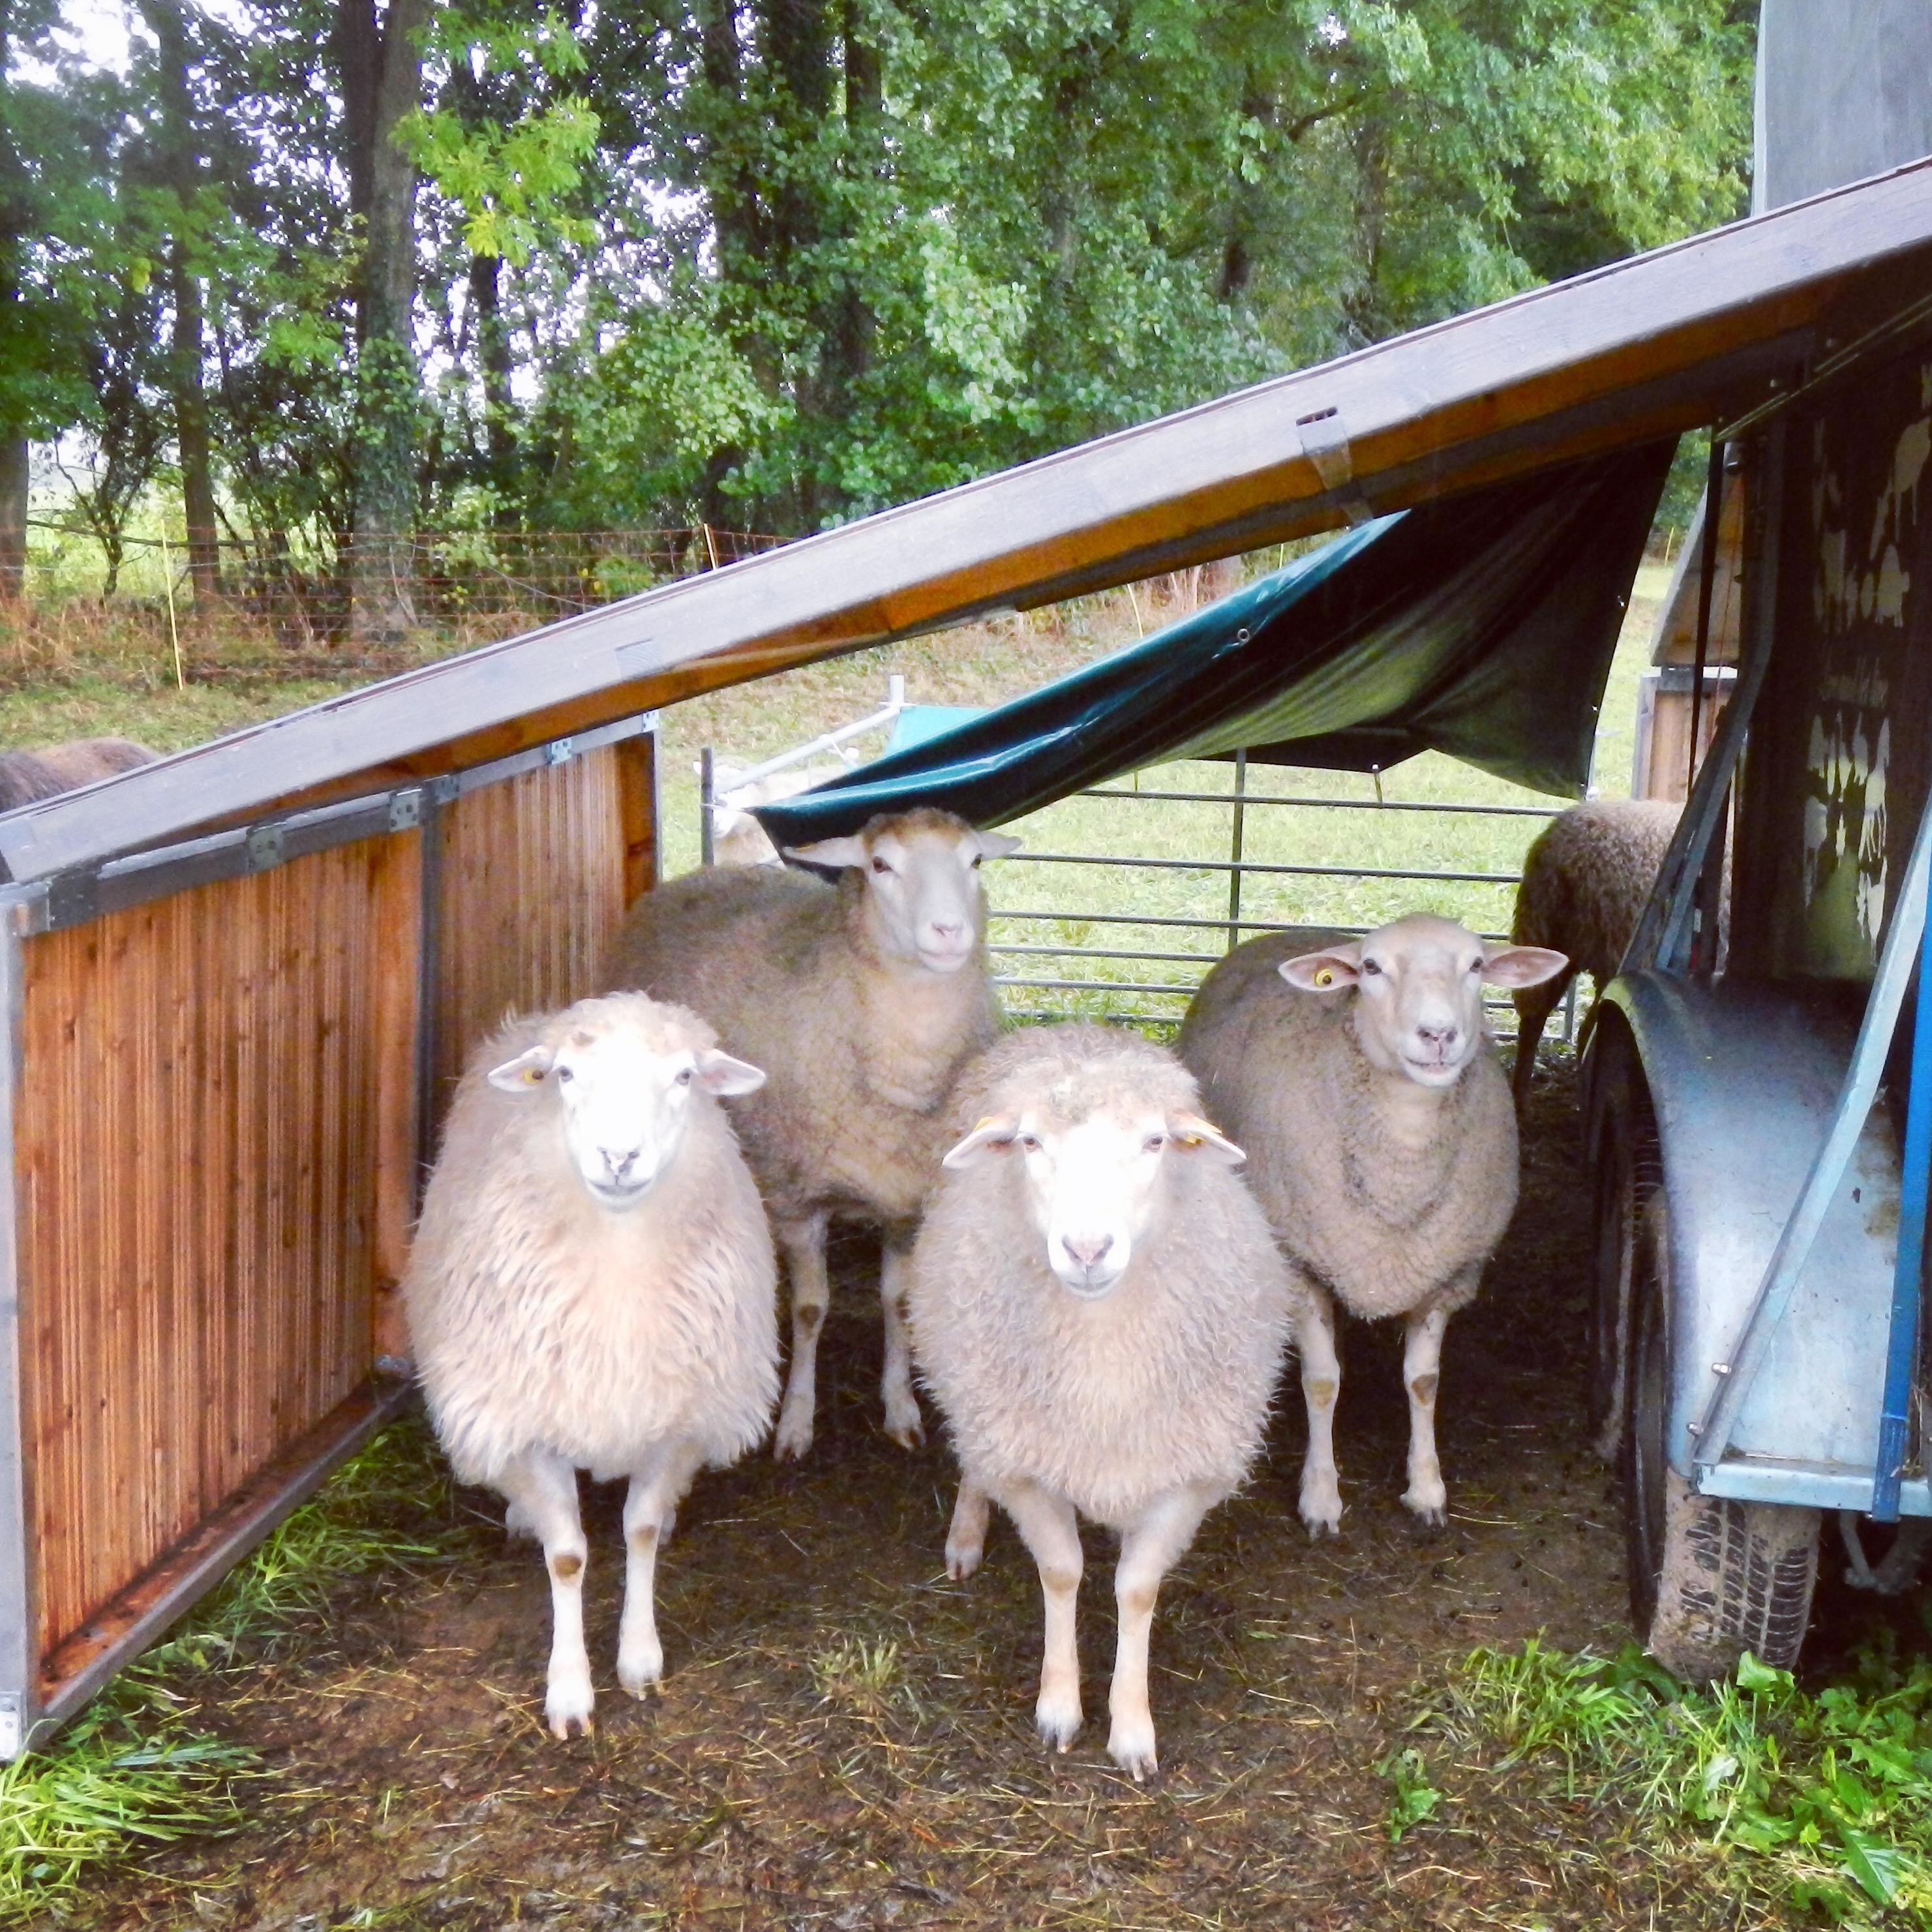 Jetzt helfen und eine Schafpatenschaft für die geretteten Schafe von Live and let live übernehmen